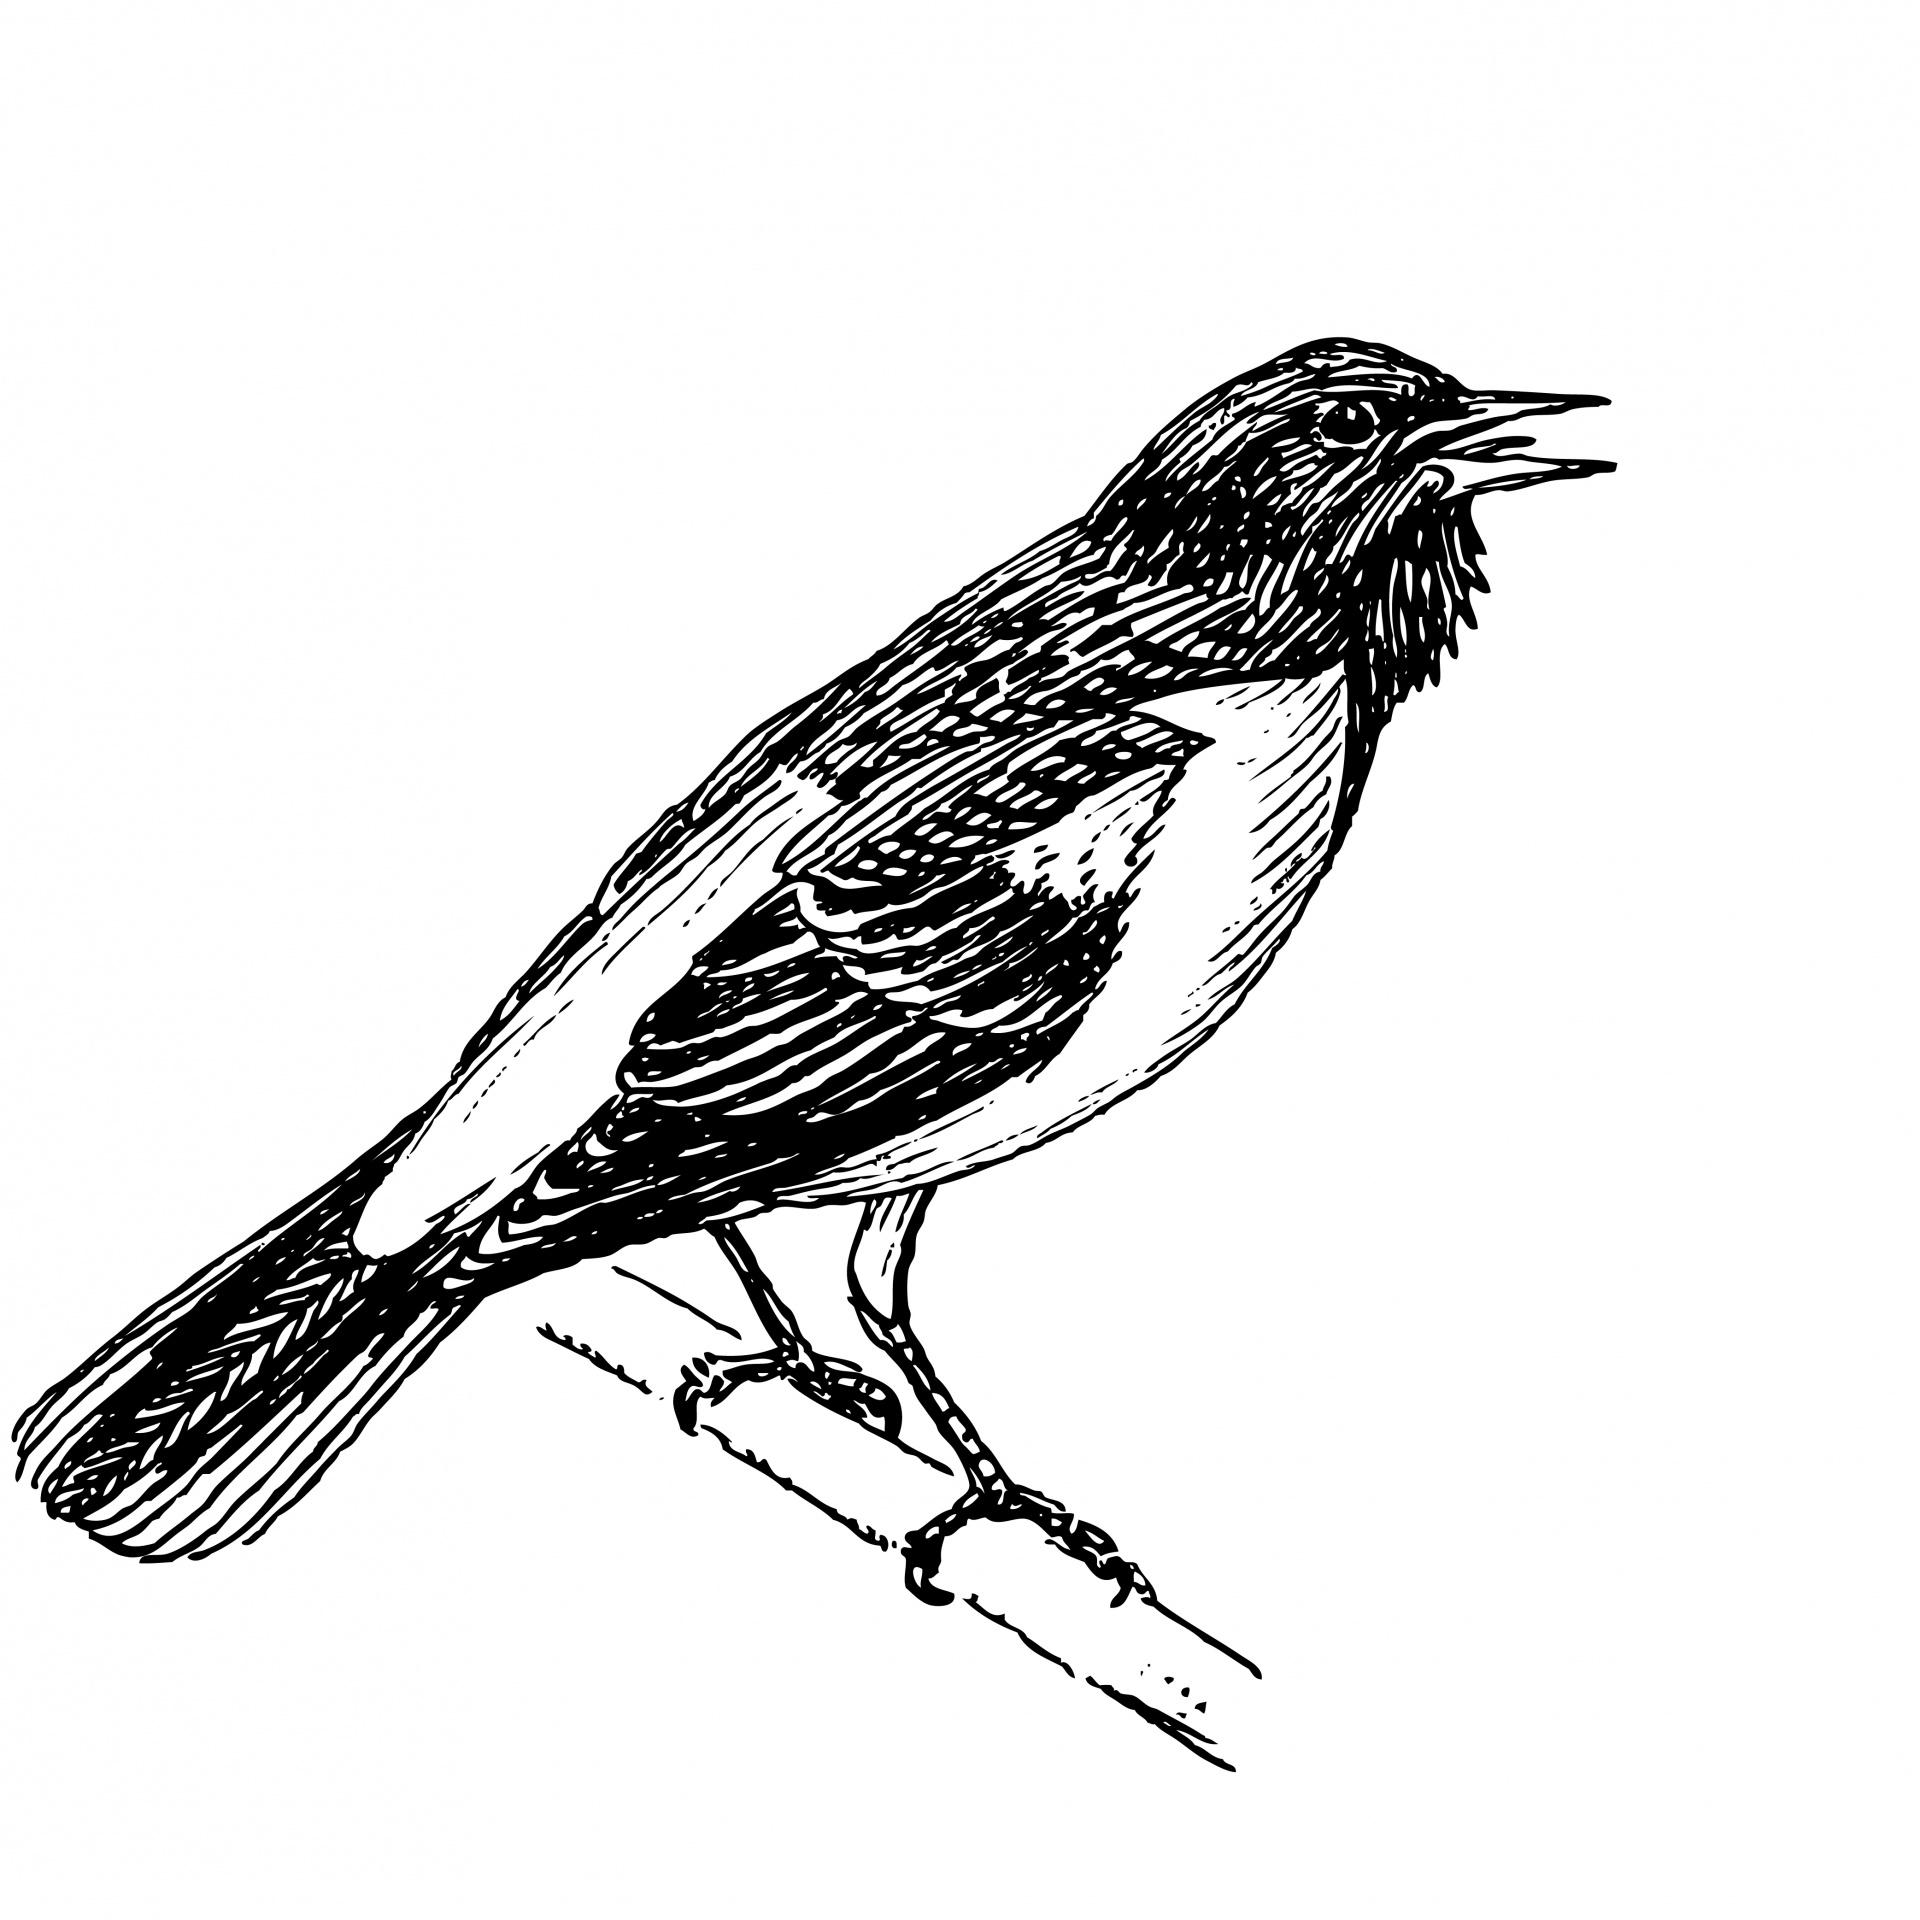 Bird Clipart Illustration Free Stock Photo